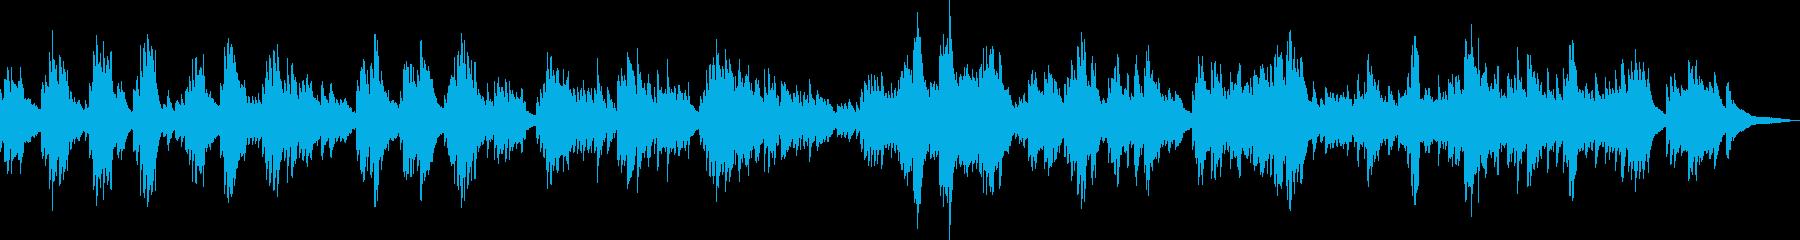 小さな幸せ(ピアノ・優しい・感動)の再生済みの波形